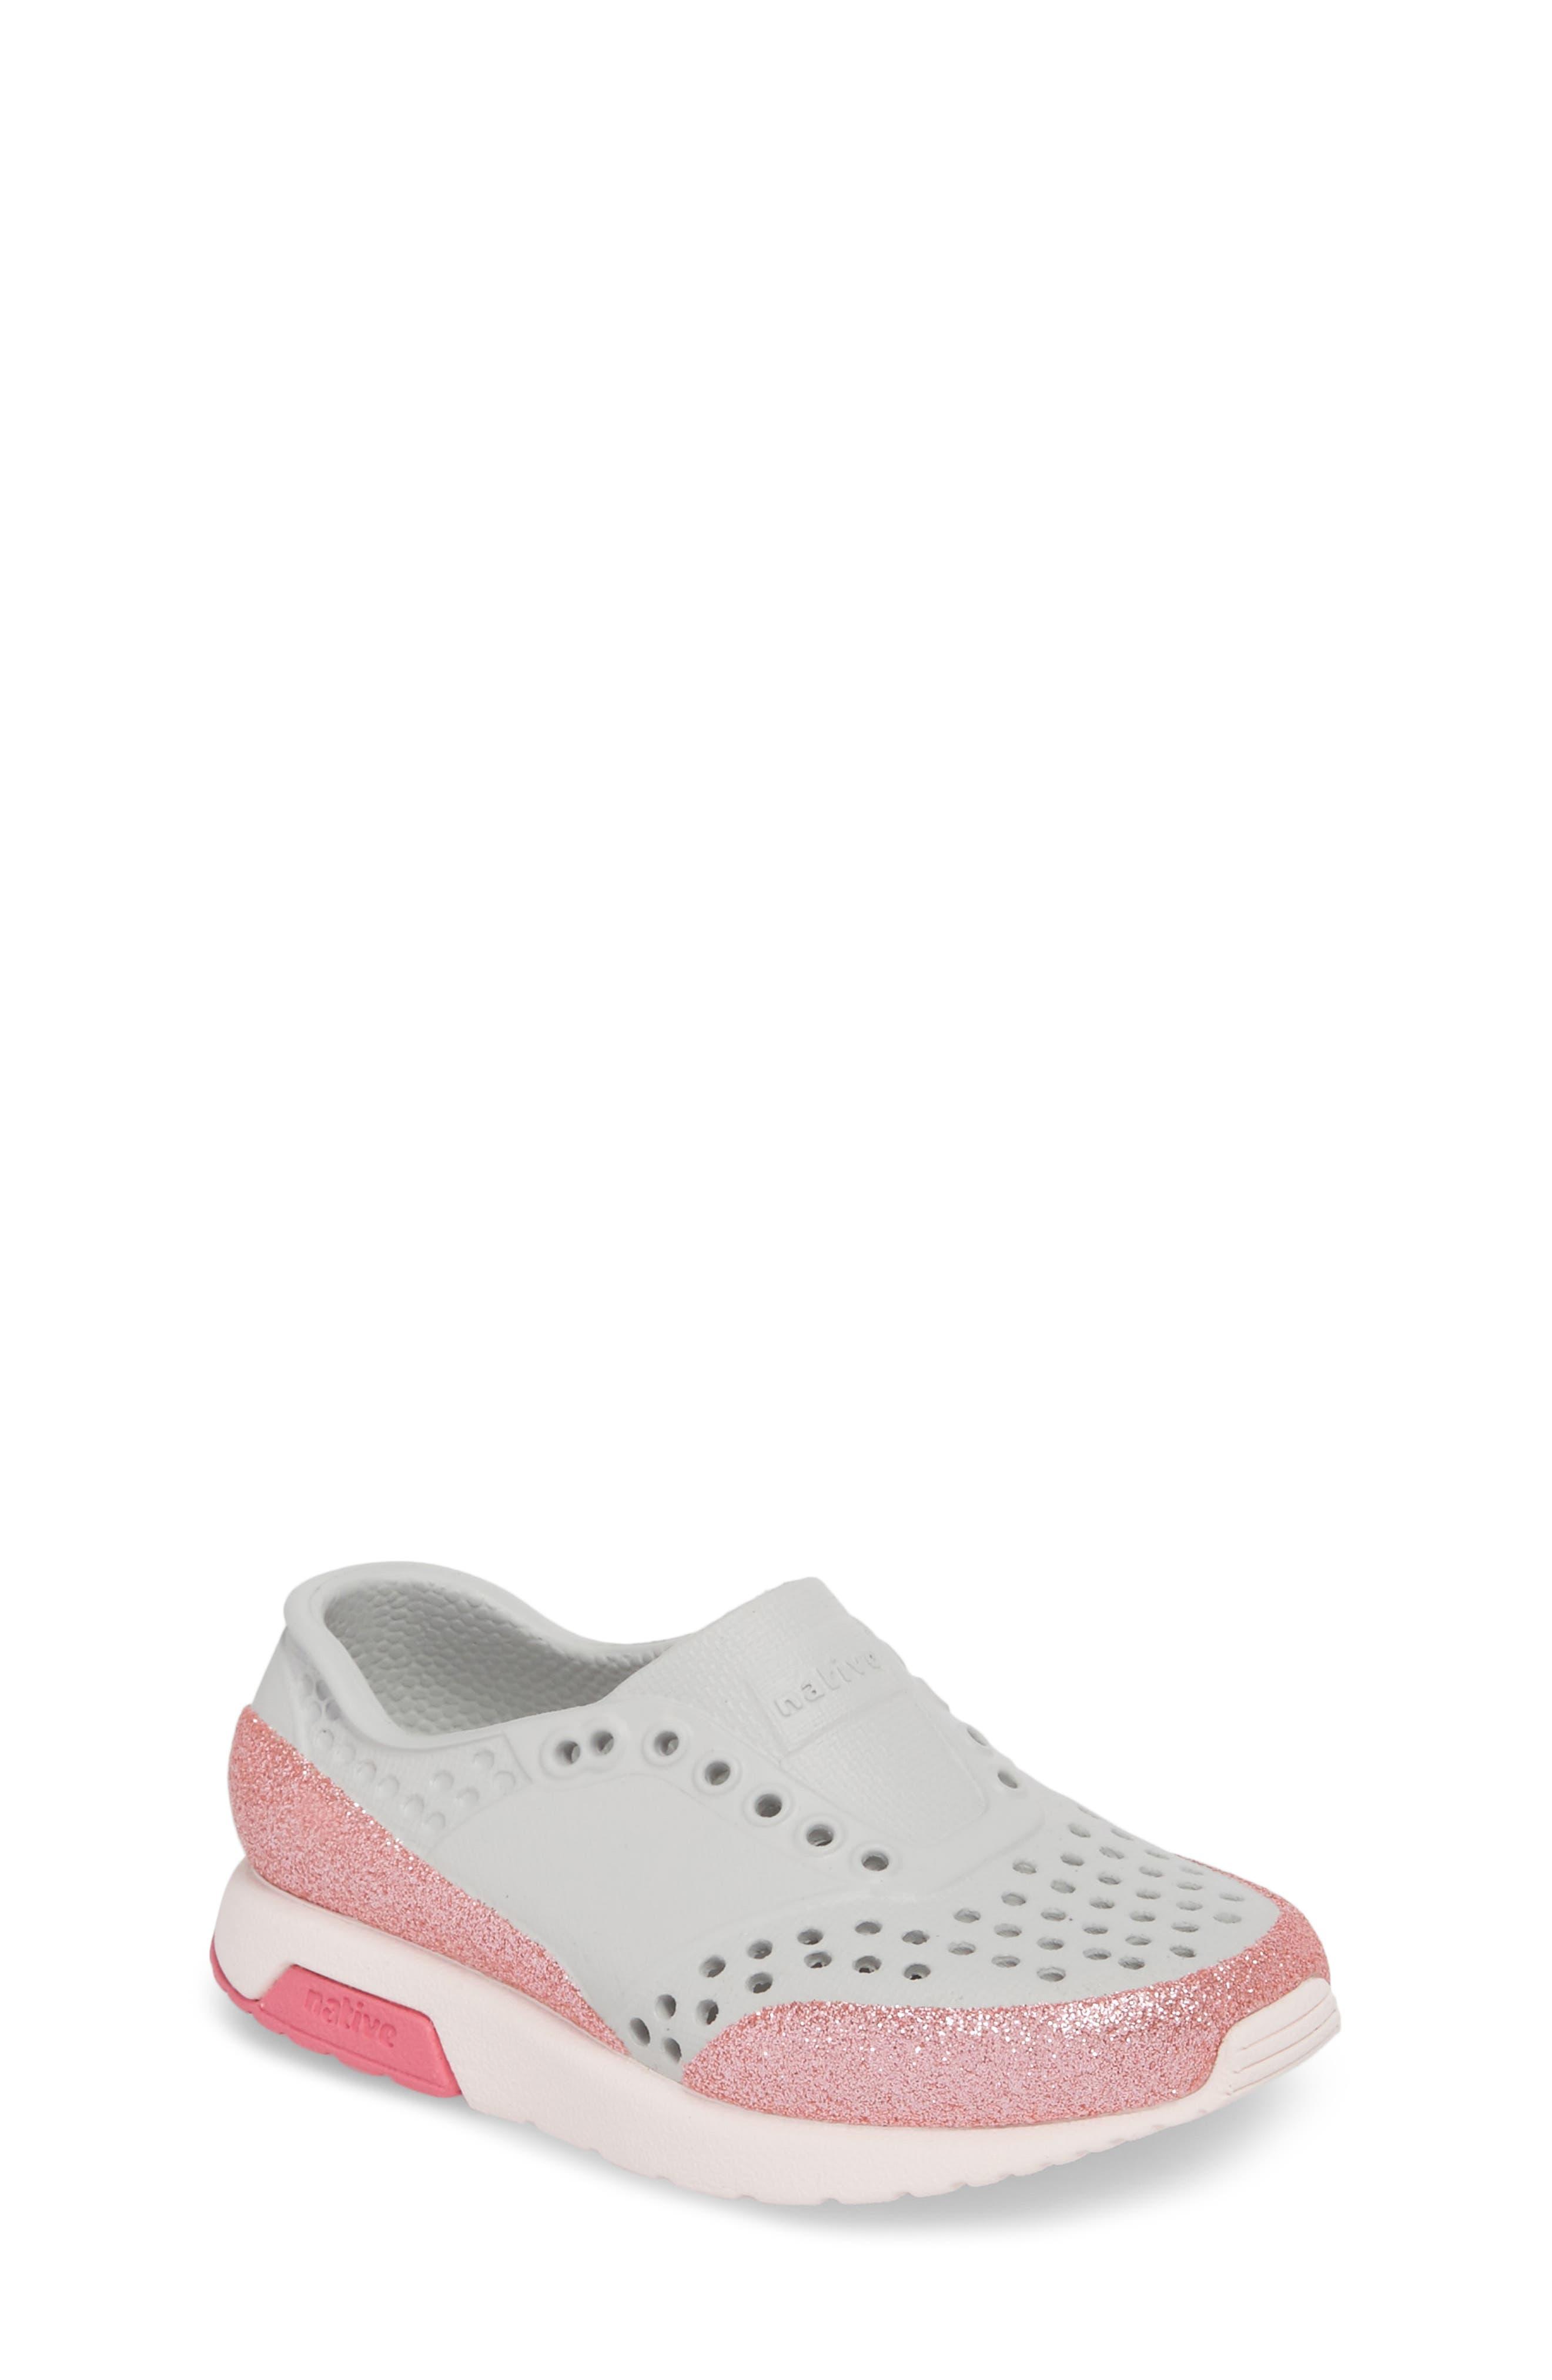 Native Shoes Lennox Glitter Slip-On Sneaker (Walker, Toddler, Little Kid & Big Kid)